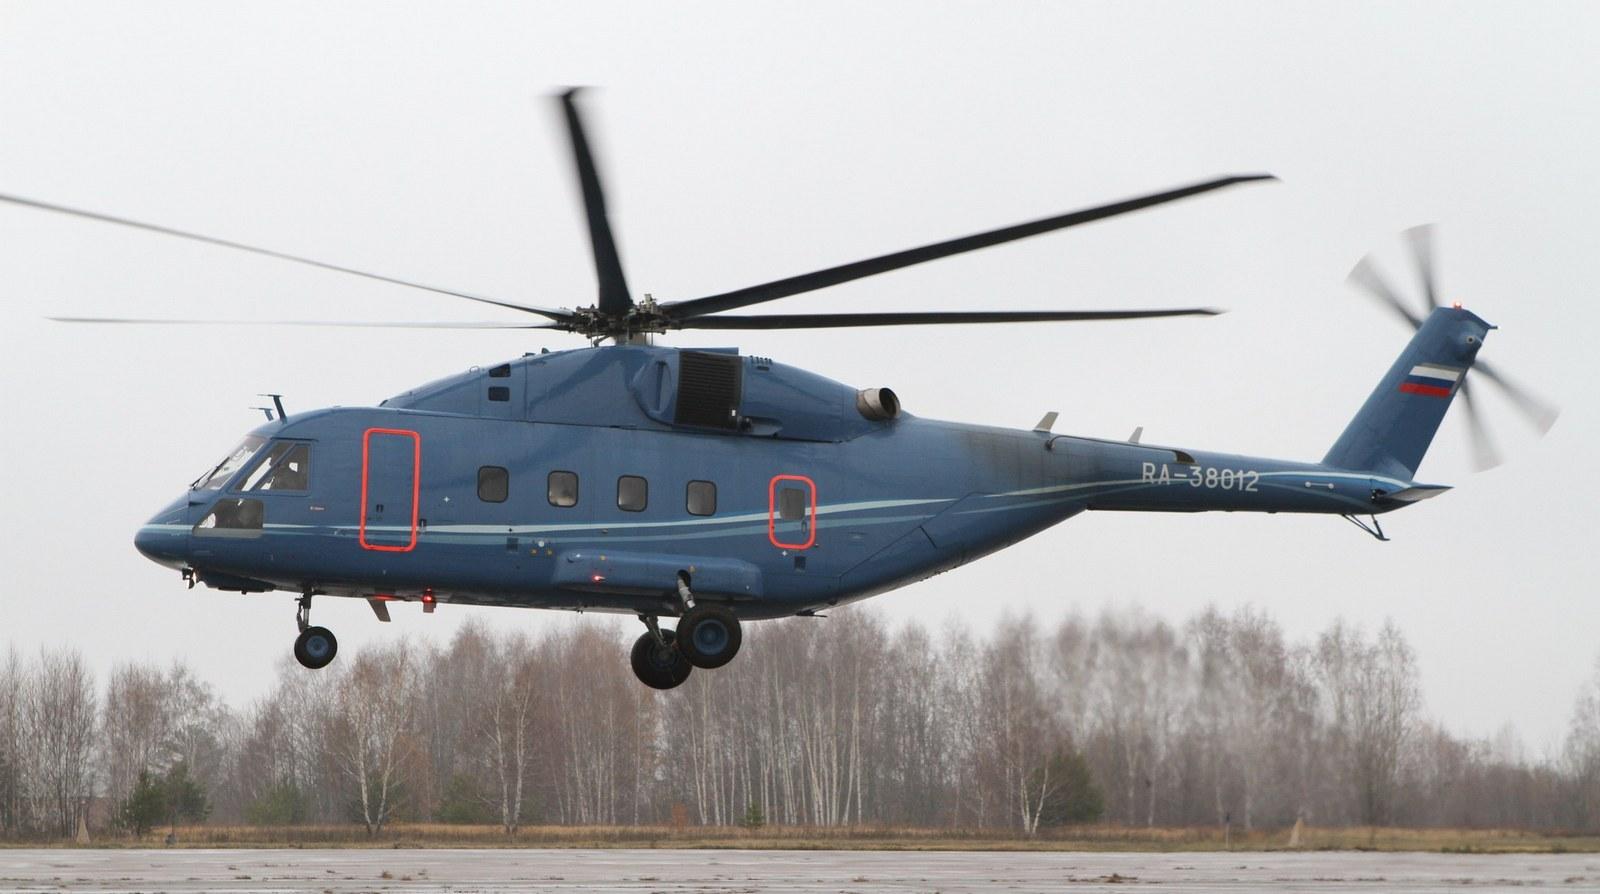 http://sdelanounas.ru/images/img/sitelife.aviationweek.com/ver1.0_Content_images_store_5_13_85e4becd-0e6f-4d7c-adaf-995ba1ac2f0f.Full.jpg